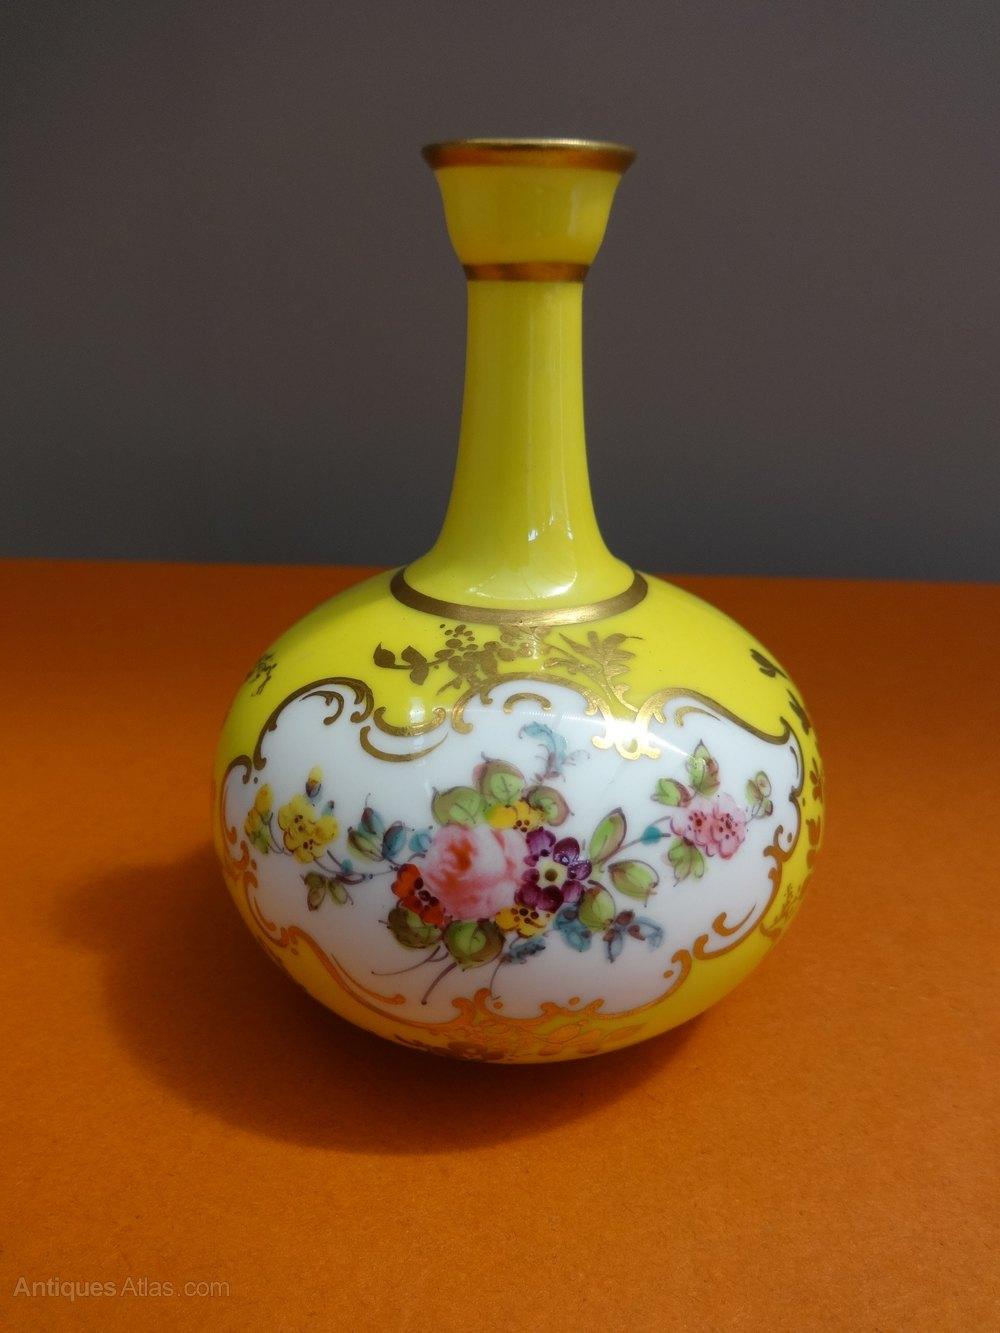 Antiques atlas miniature royal crown derby vase miniature royal crown derby vase reviewsmspy